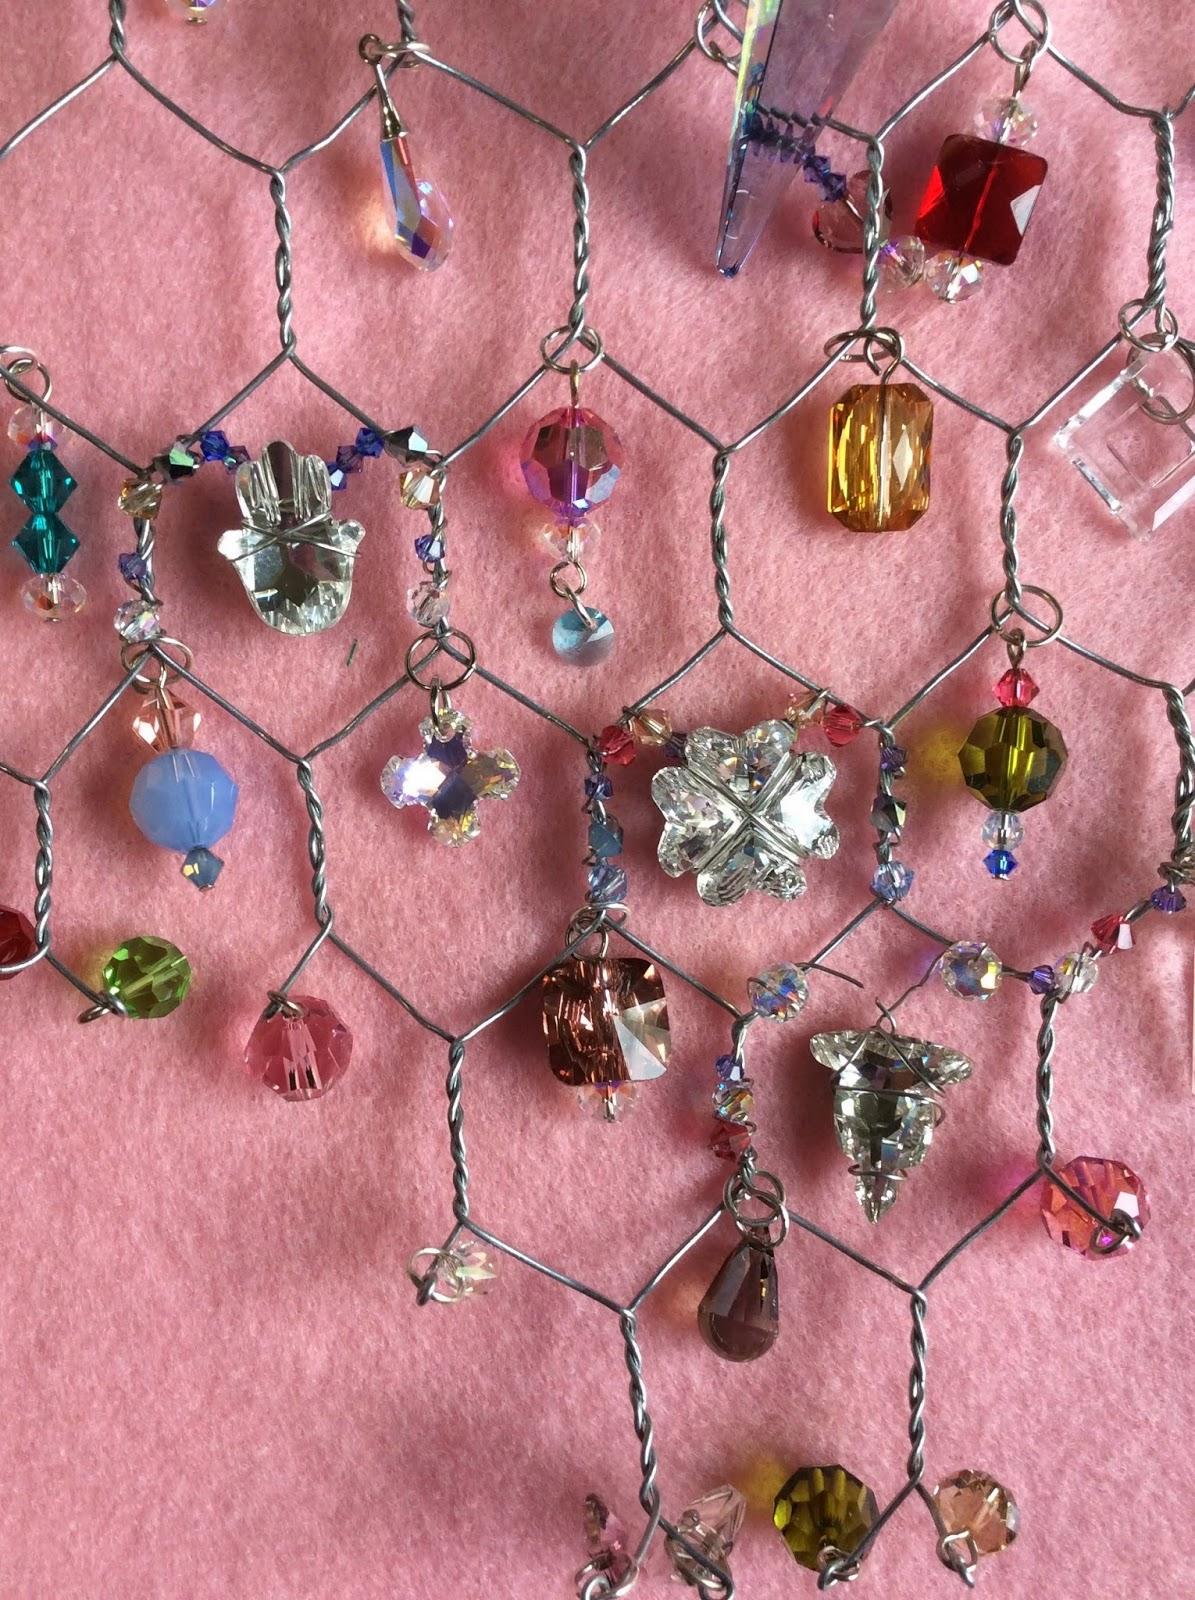 Swarovski beads crystals chicken wire necklace